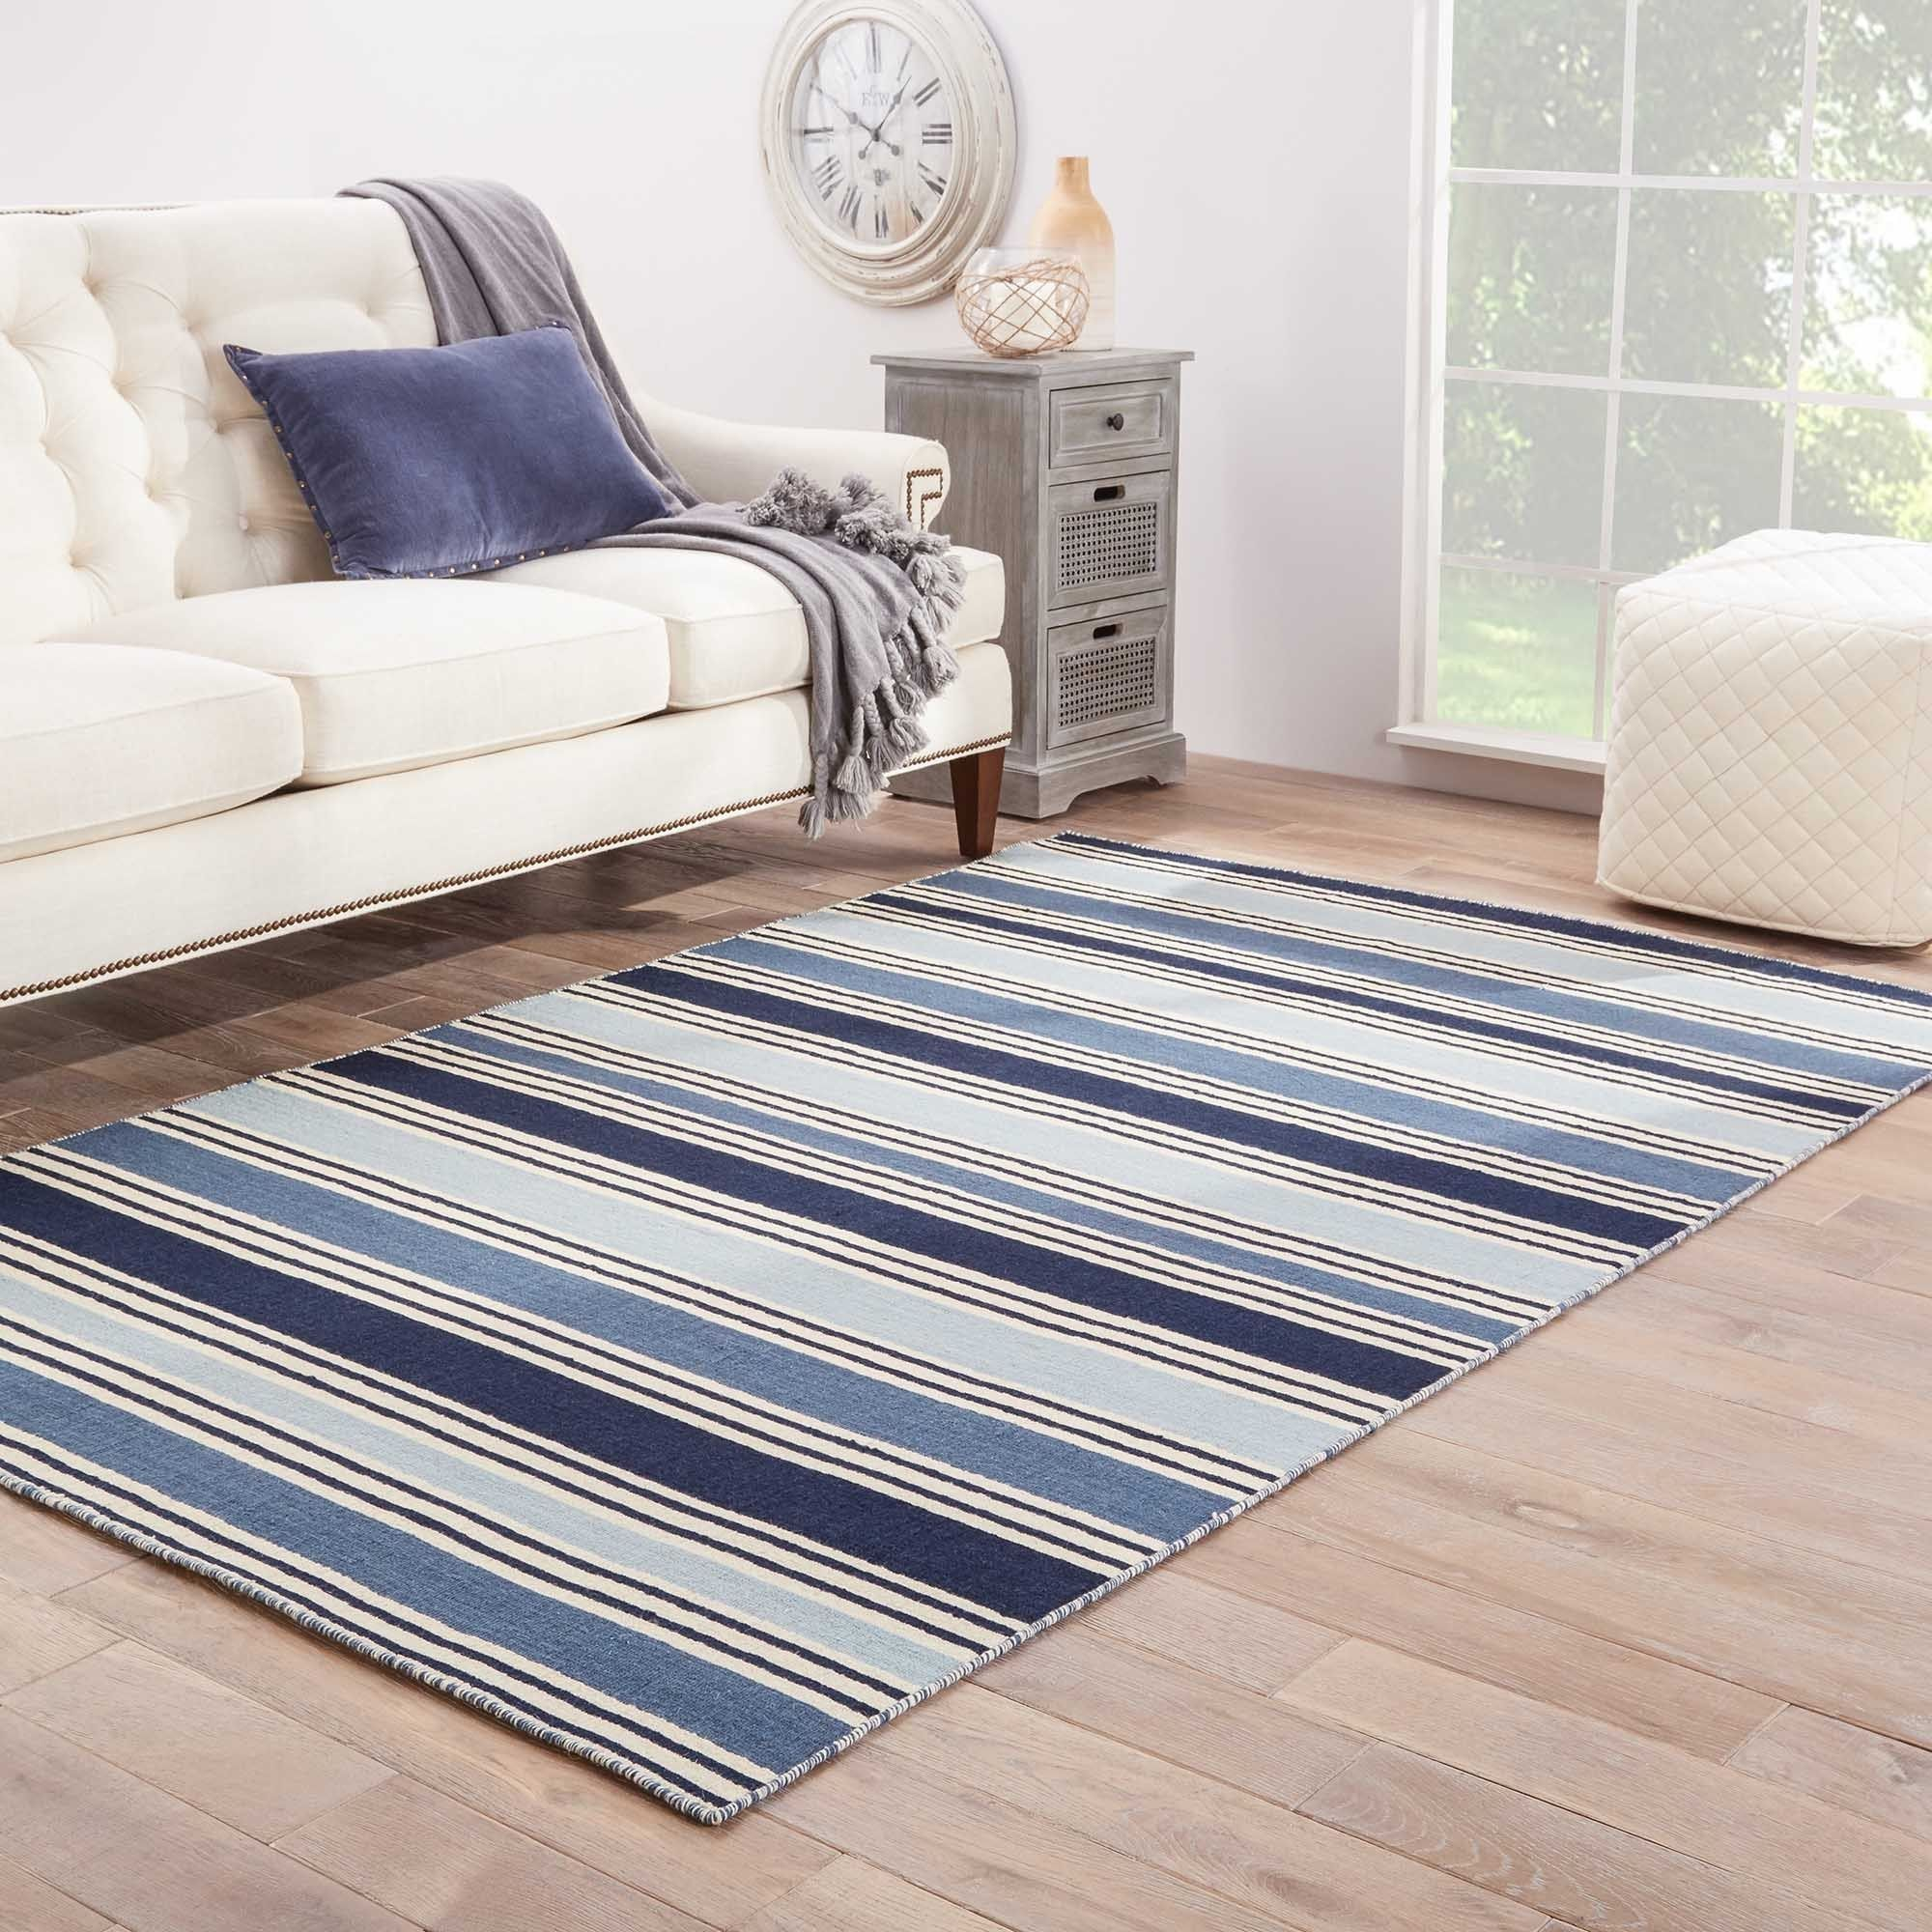 Lancaster Handmade Stripe Blue White Area Rug 8 X 10 7 10